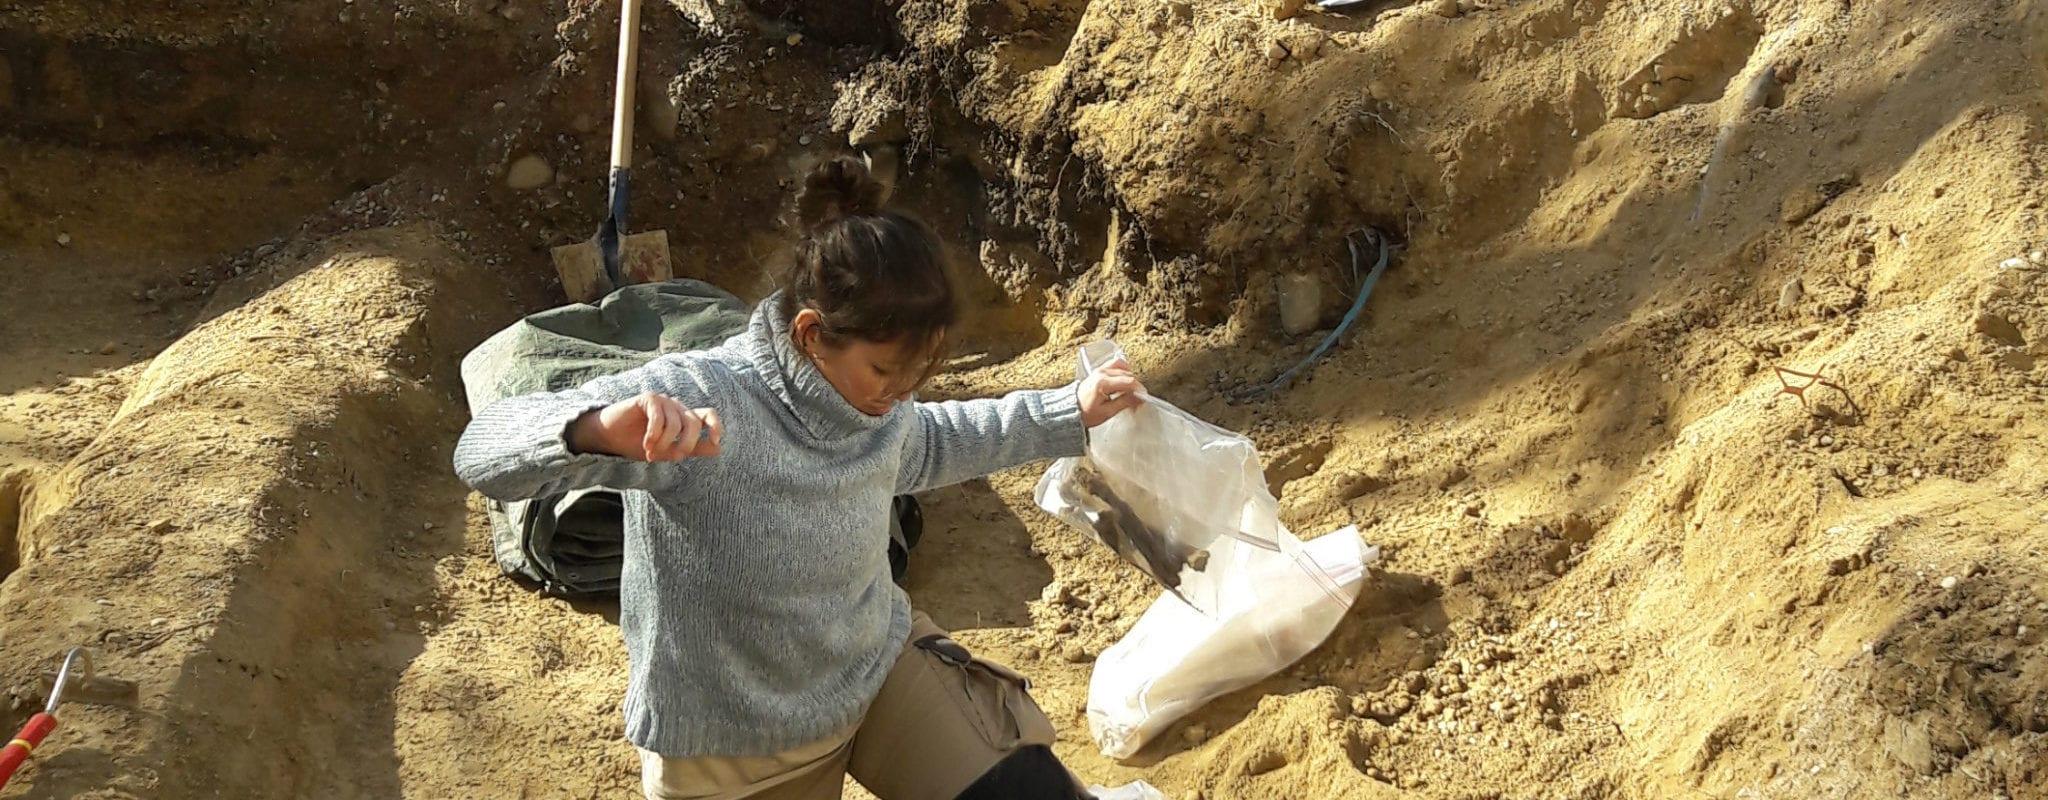 Un squelette découvert quartier Gare sur le chantier du tram